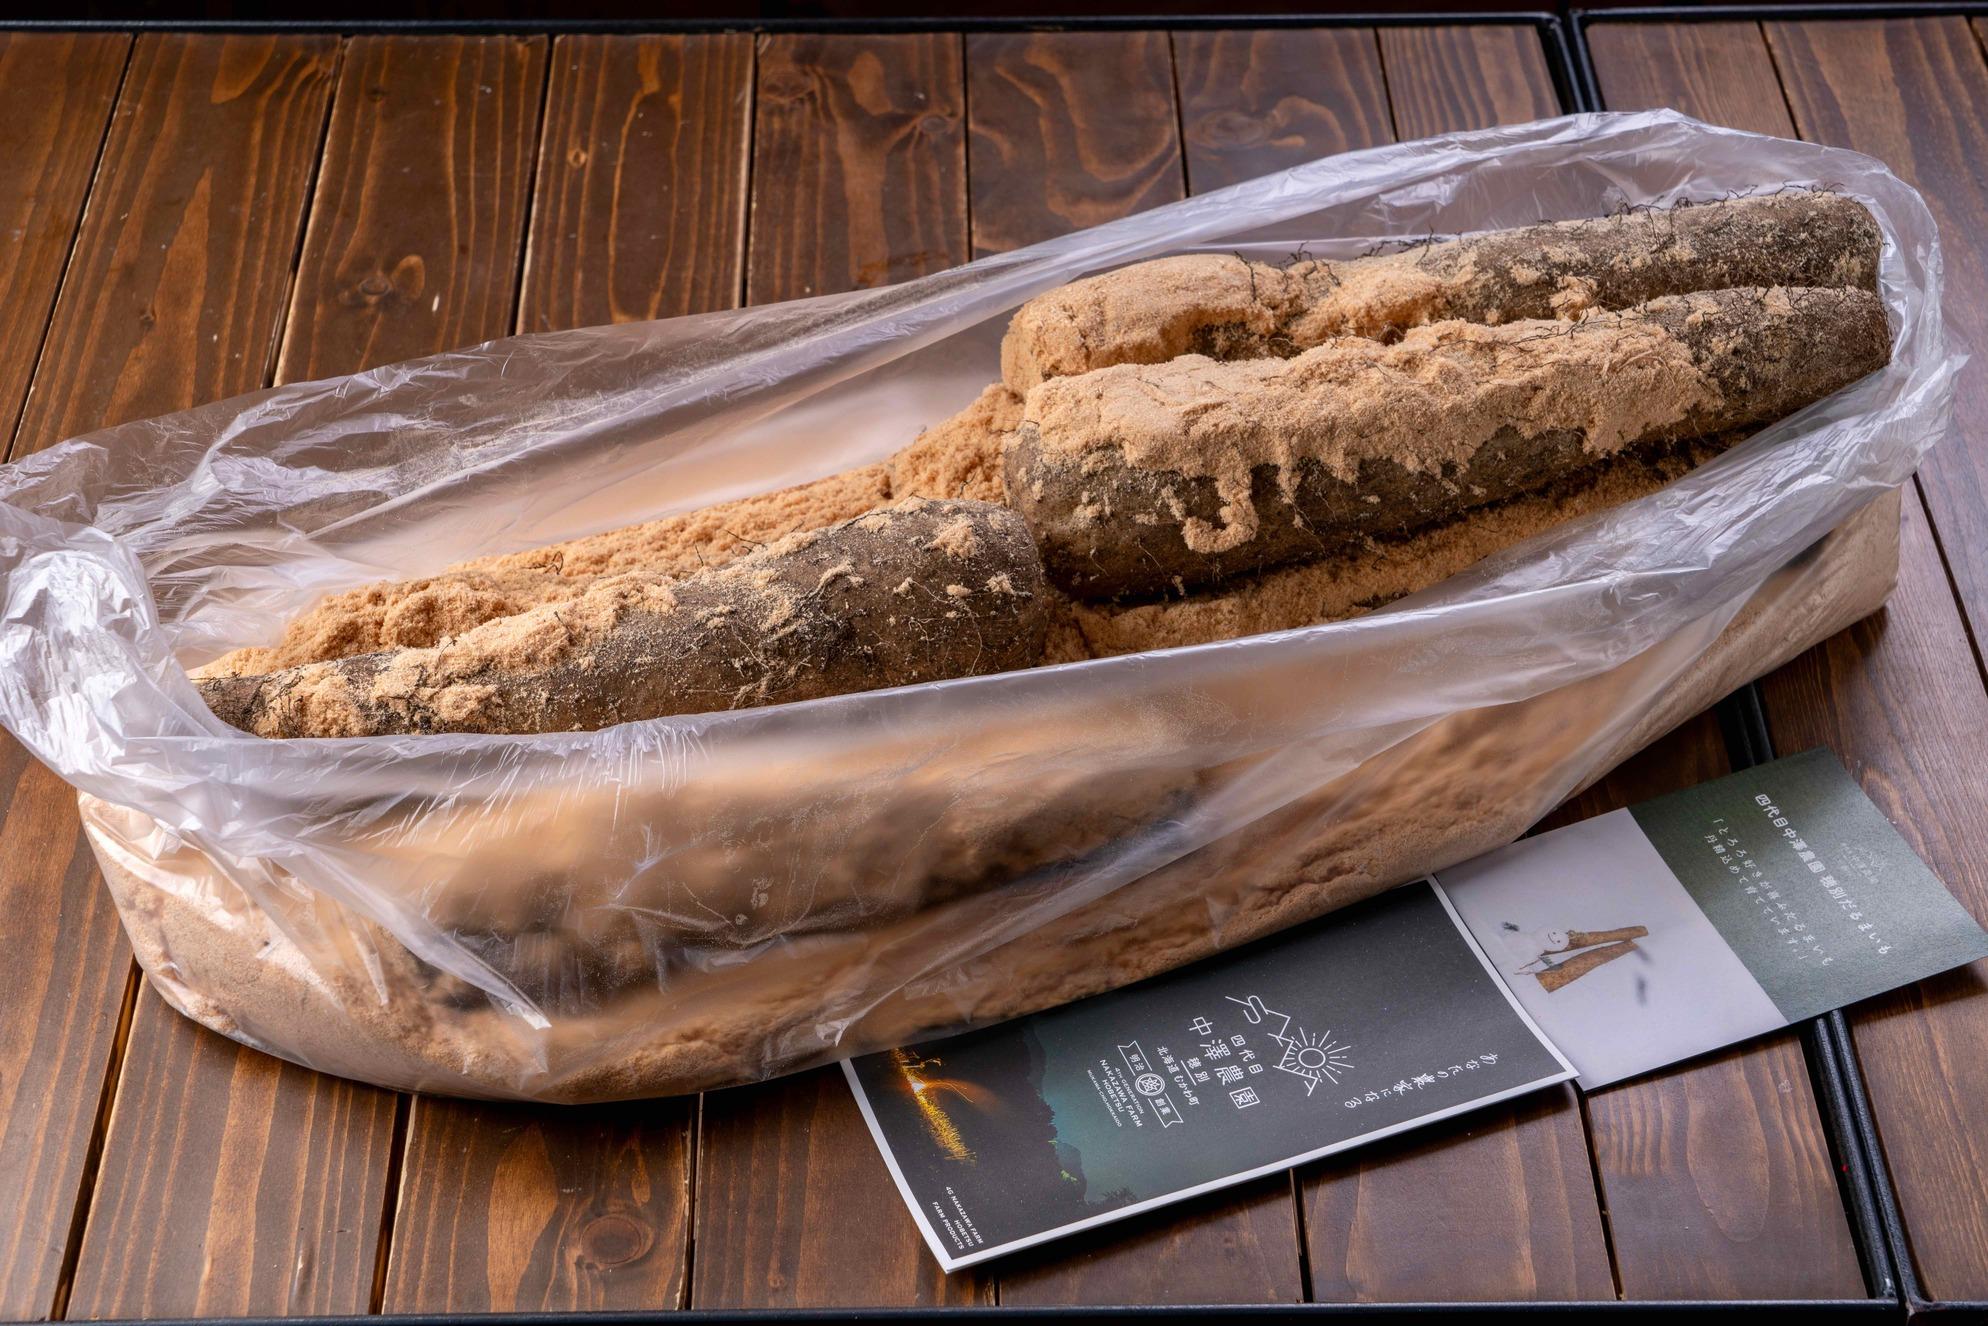 通販・通り寄せ北海道産だるまいも,むかわ町にある四代目中澤農園から届いただるま芋(長いもの一種)